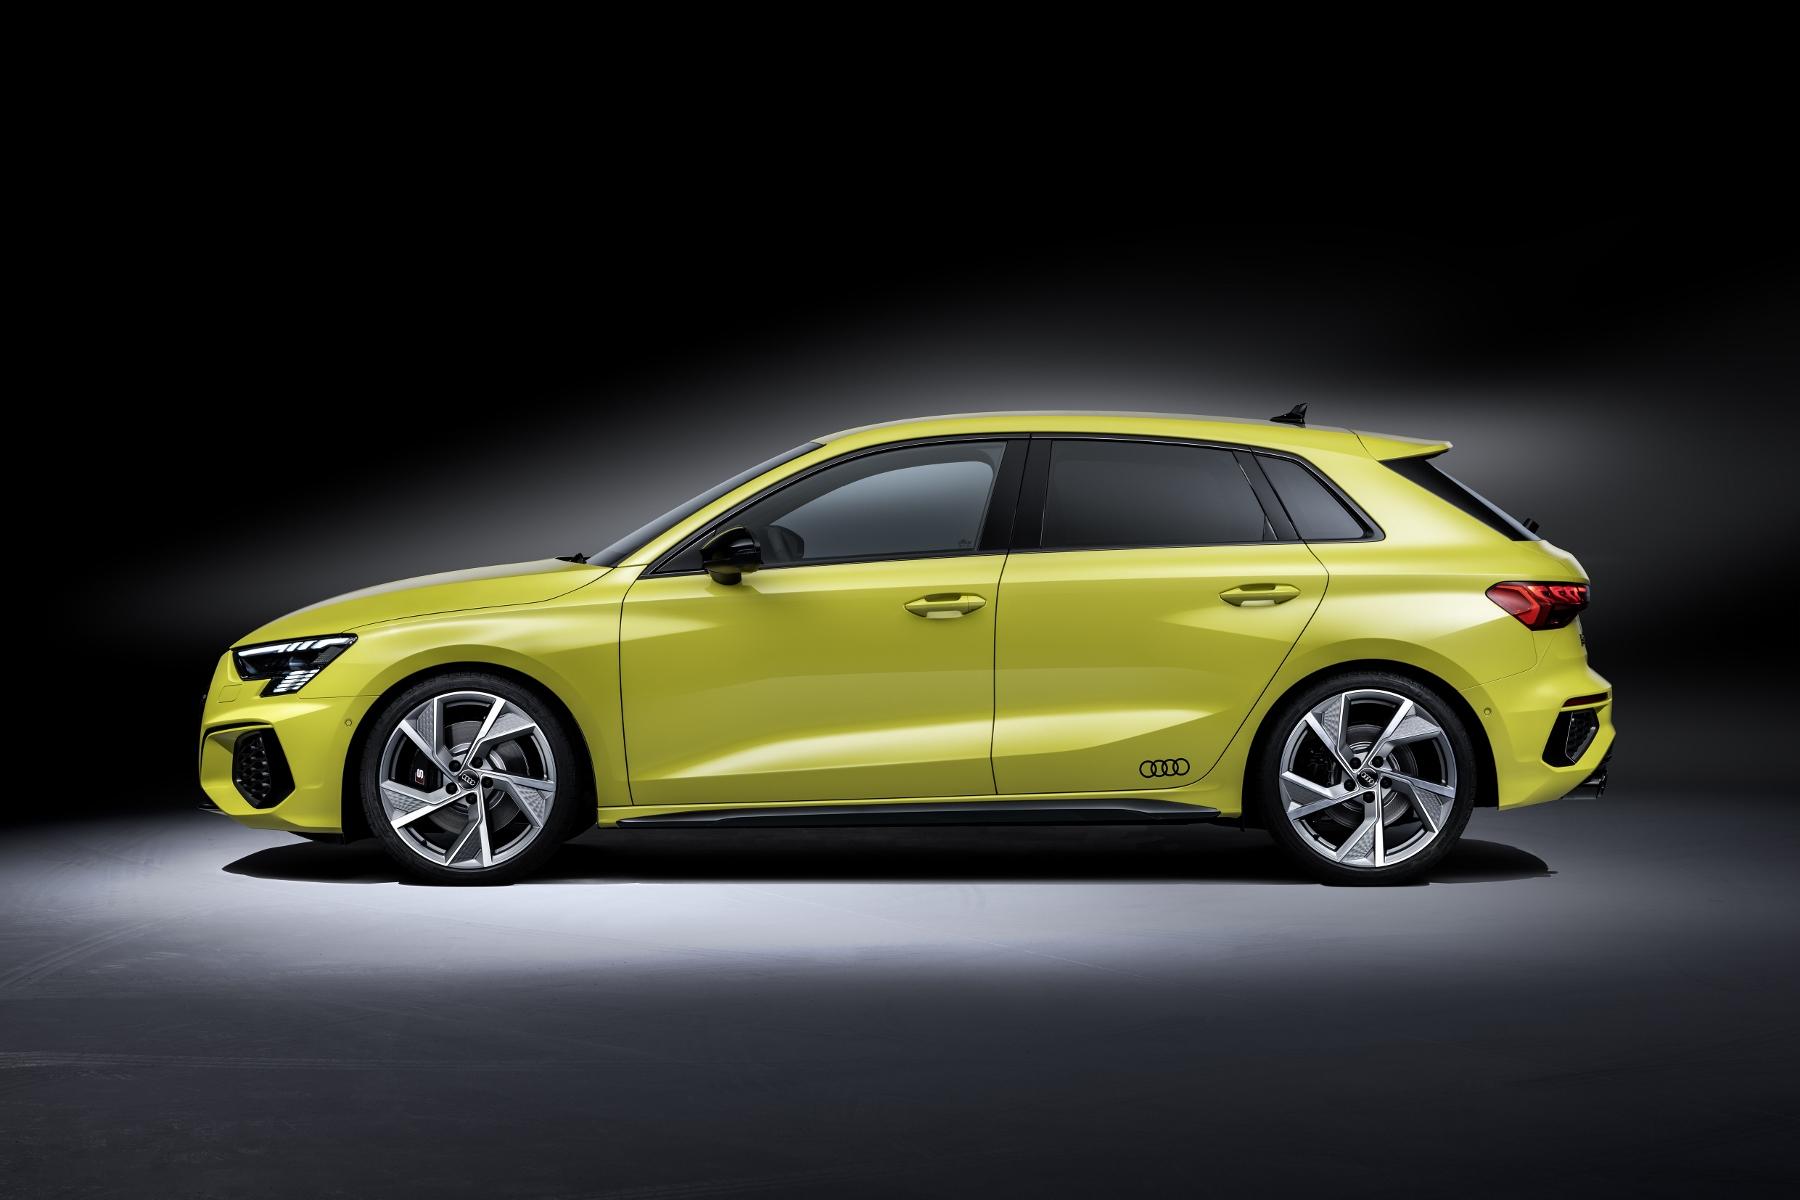 Audi ukázalo modely S3 Sedan a Sportback. Prezradilo aj nemeckú cenu cGHlrynD5v a204413large-1800x12